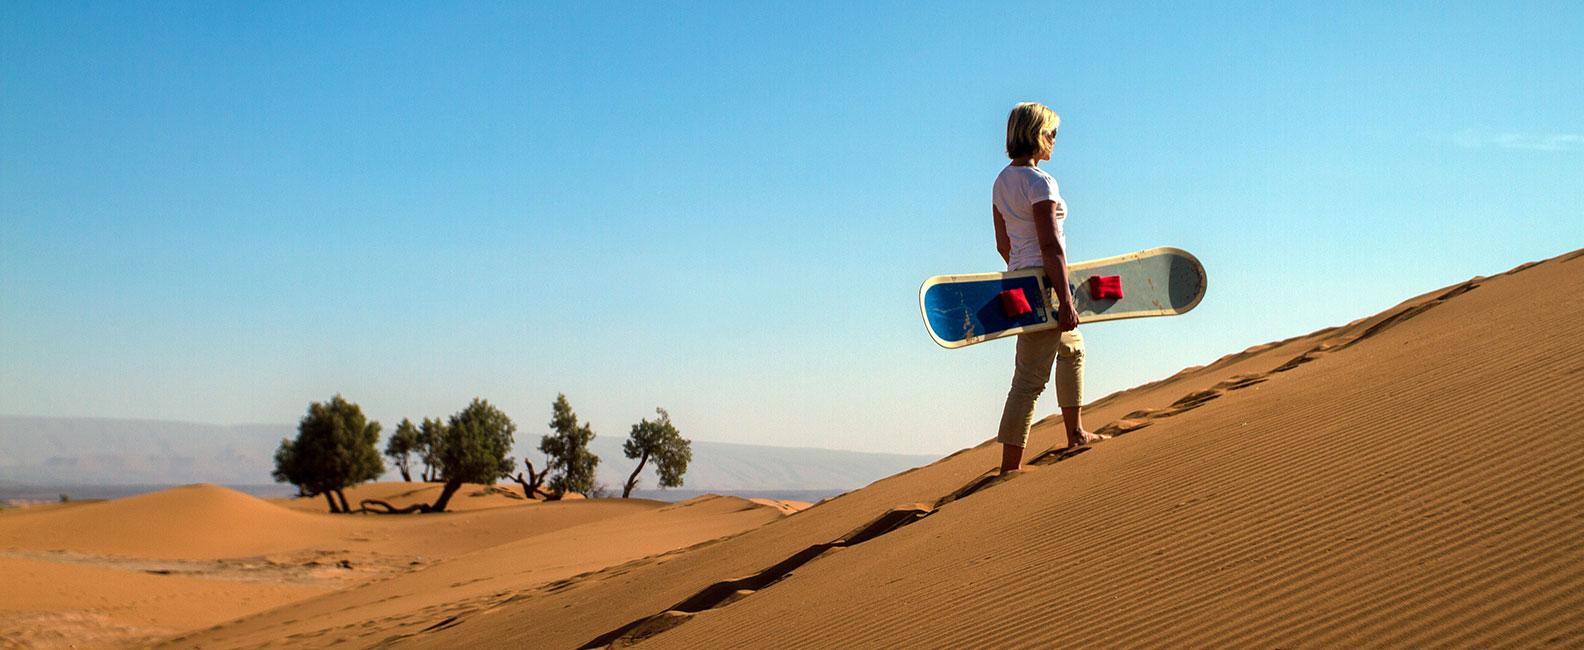 Sandboarding - Sandsurfing desert Morocco